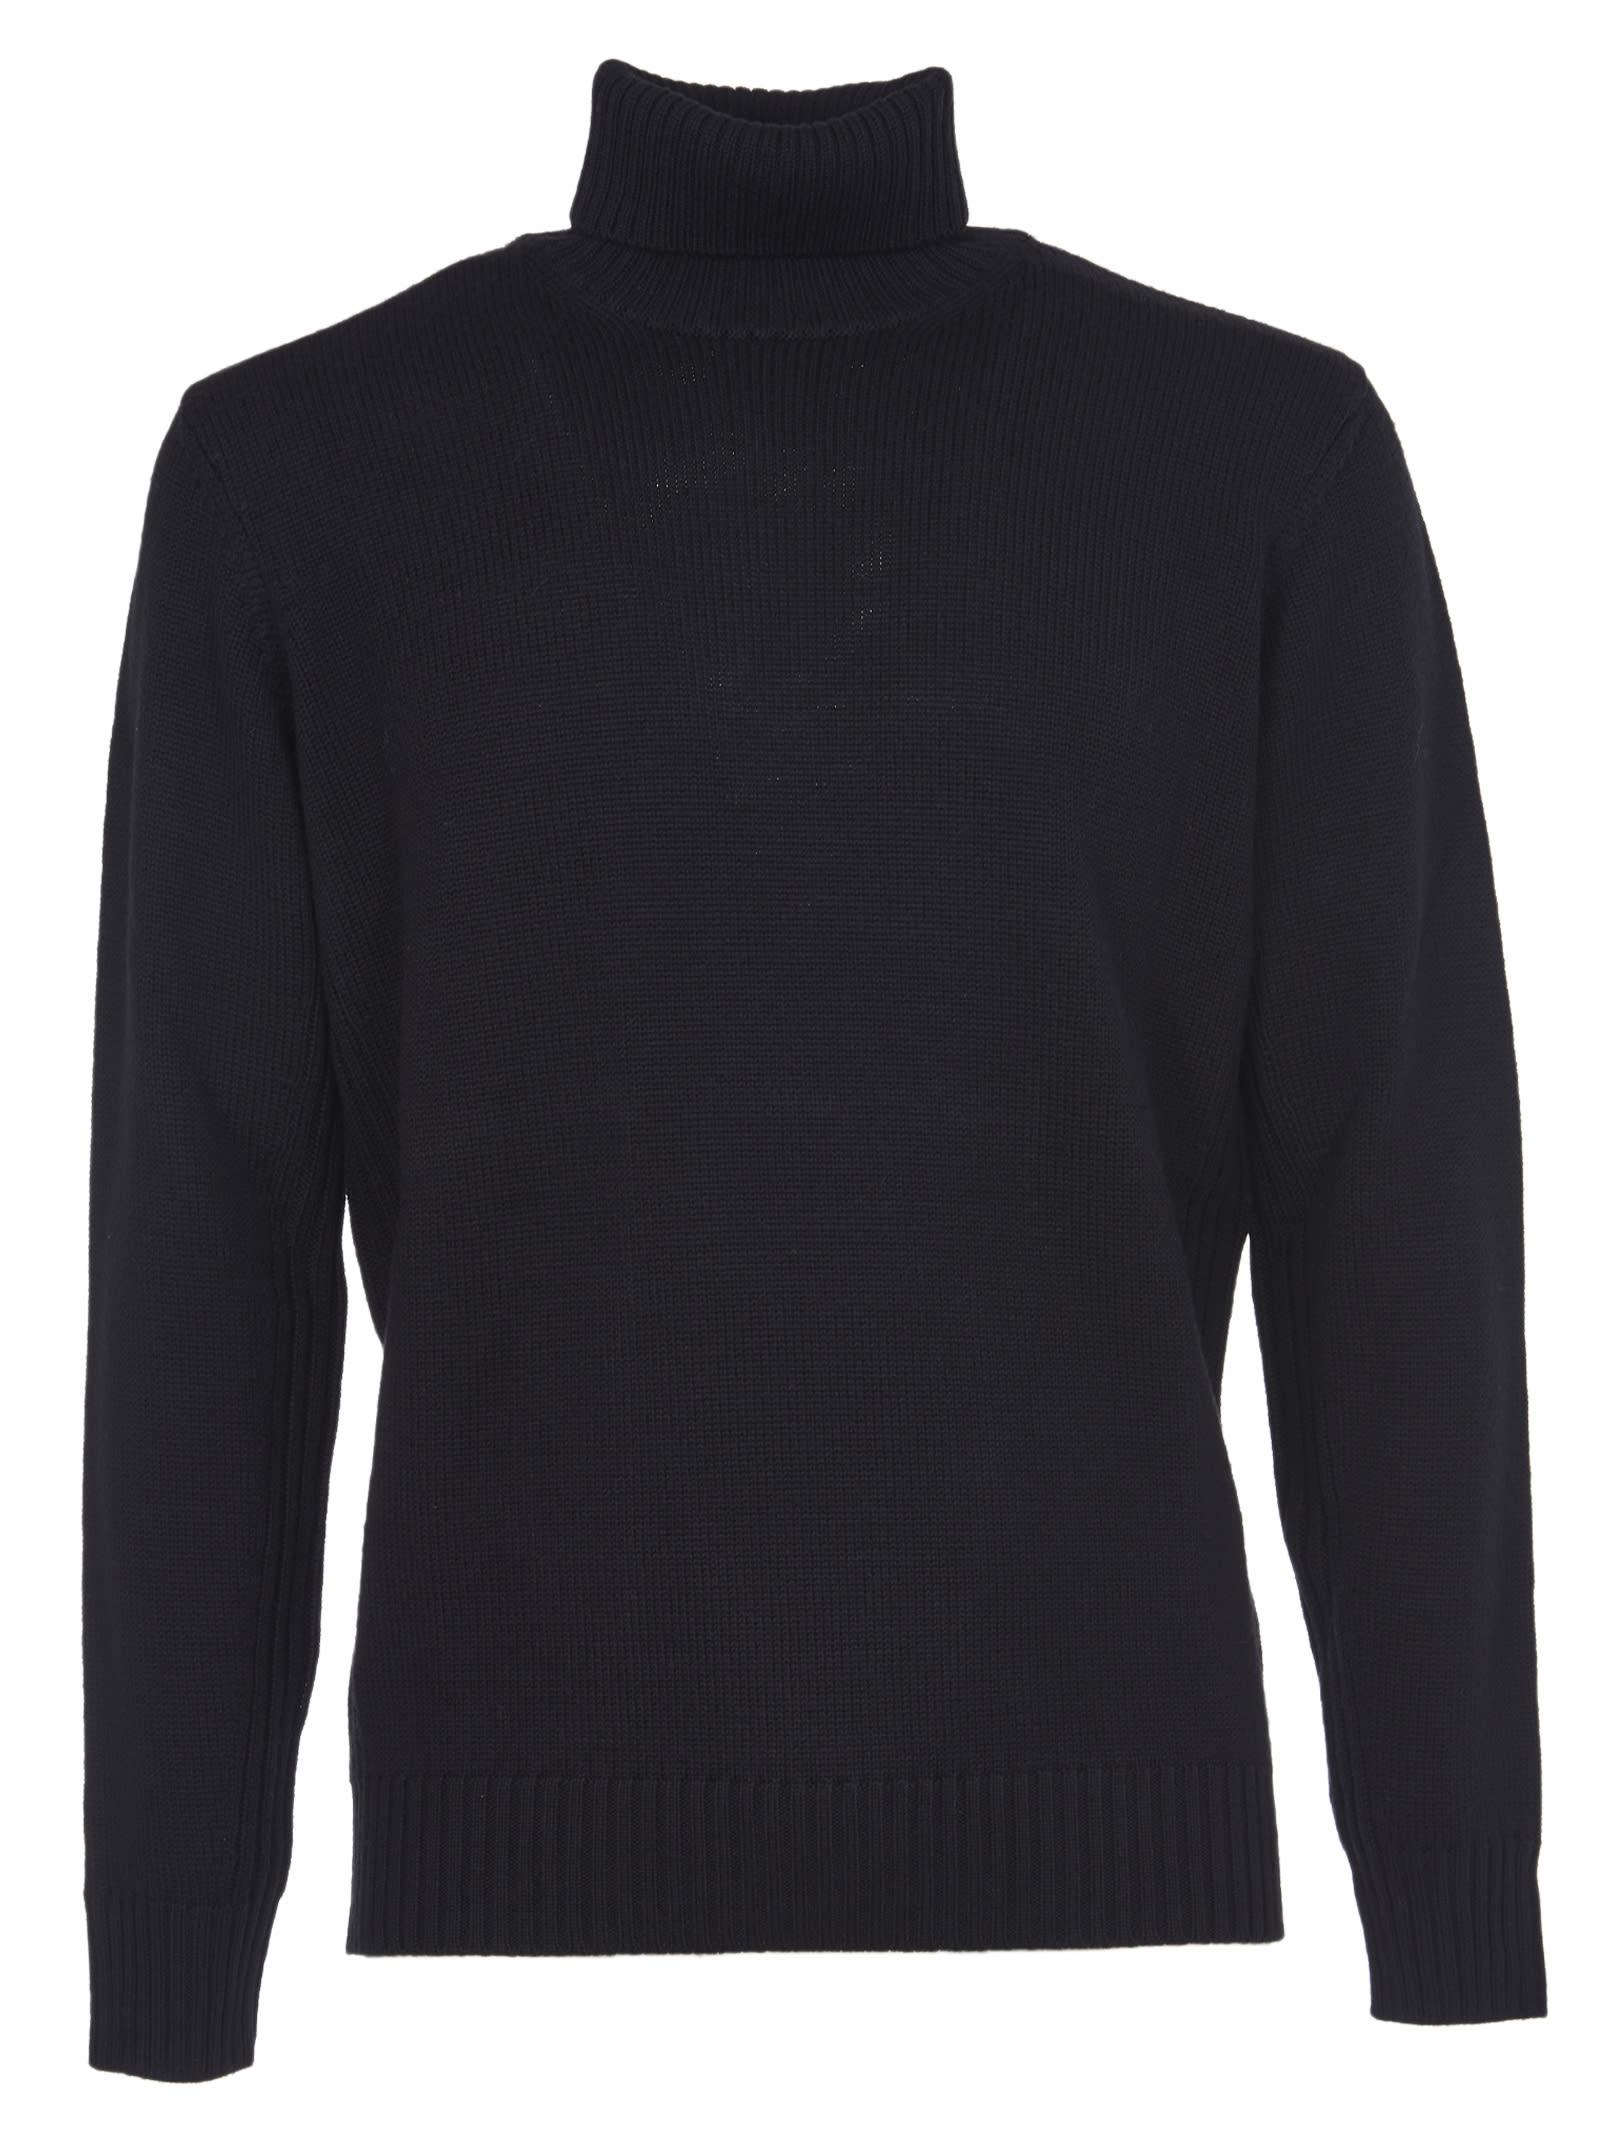 Turtleneck Black Merinos Wool Kangra